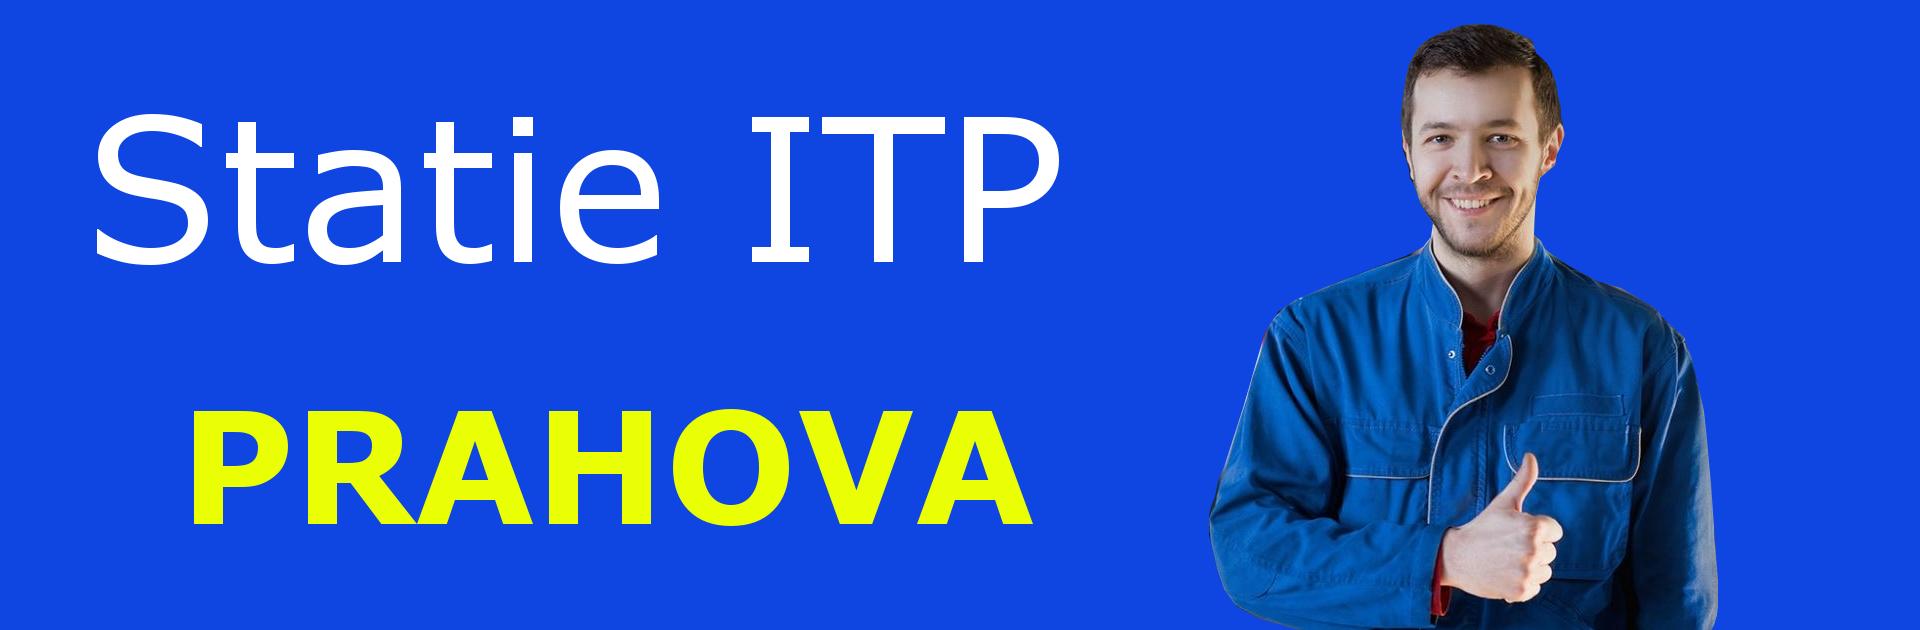 Banner ITP PRAHOVA